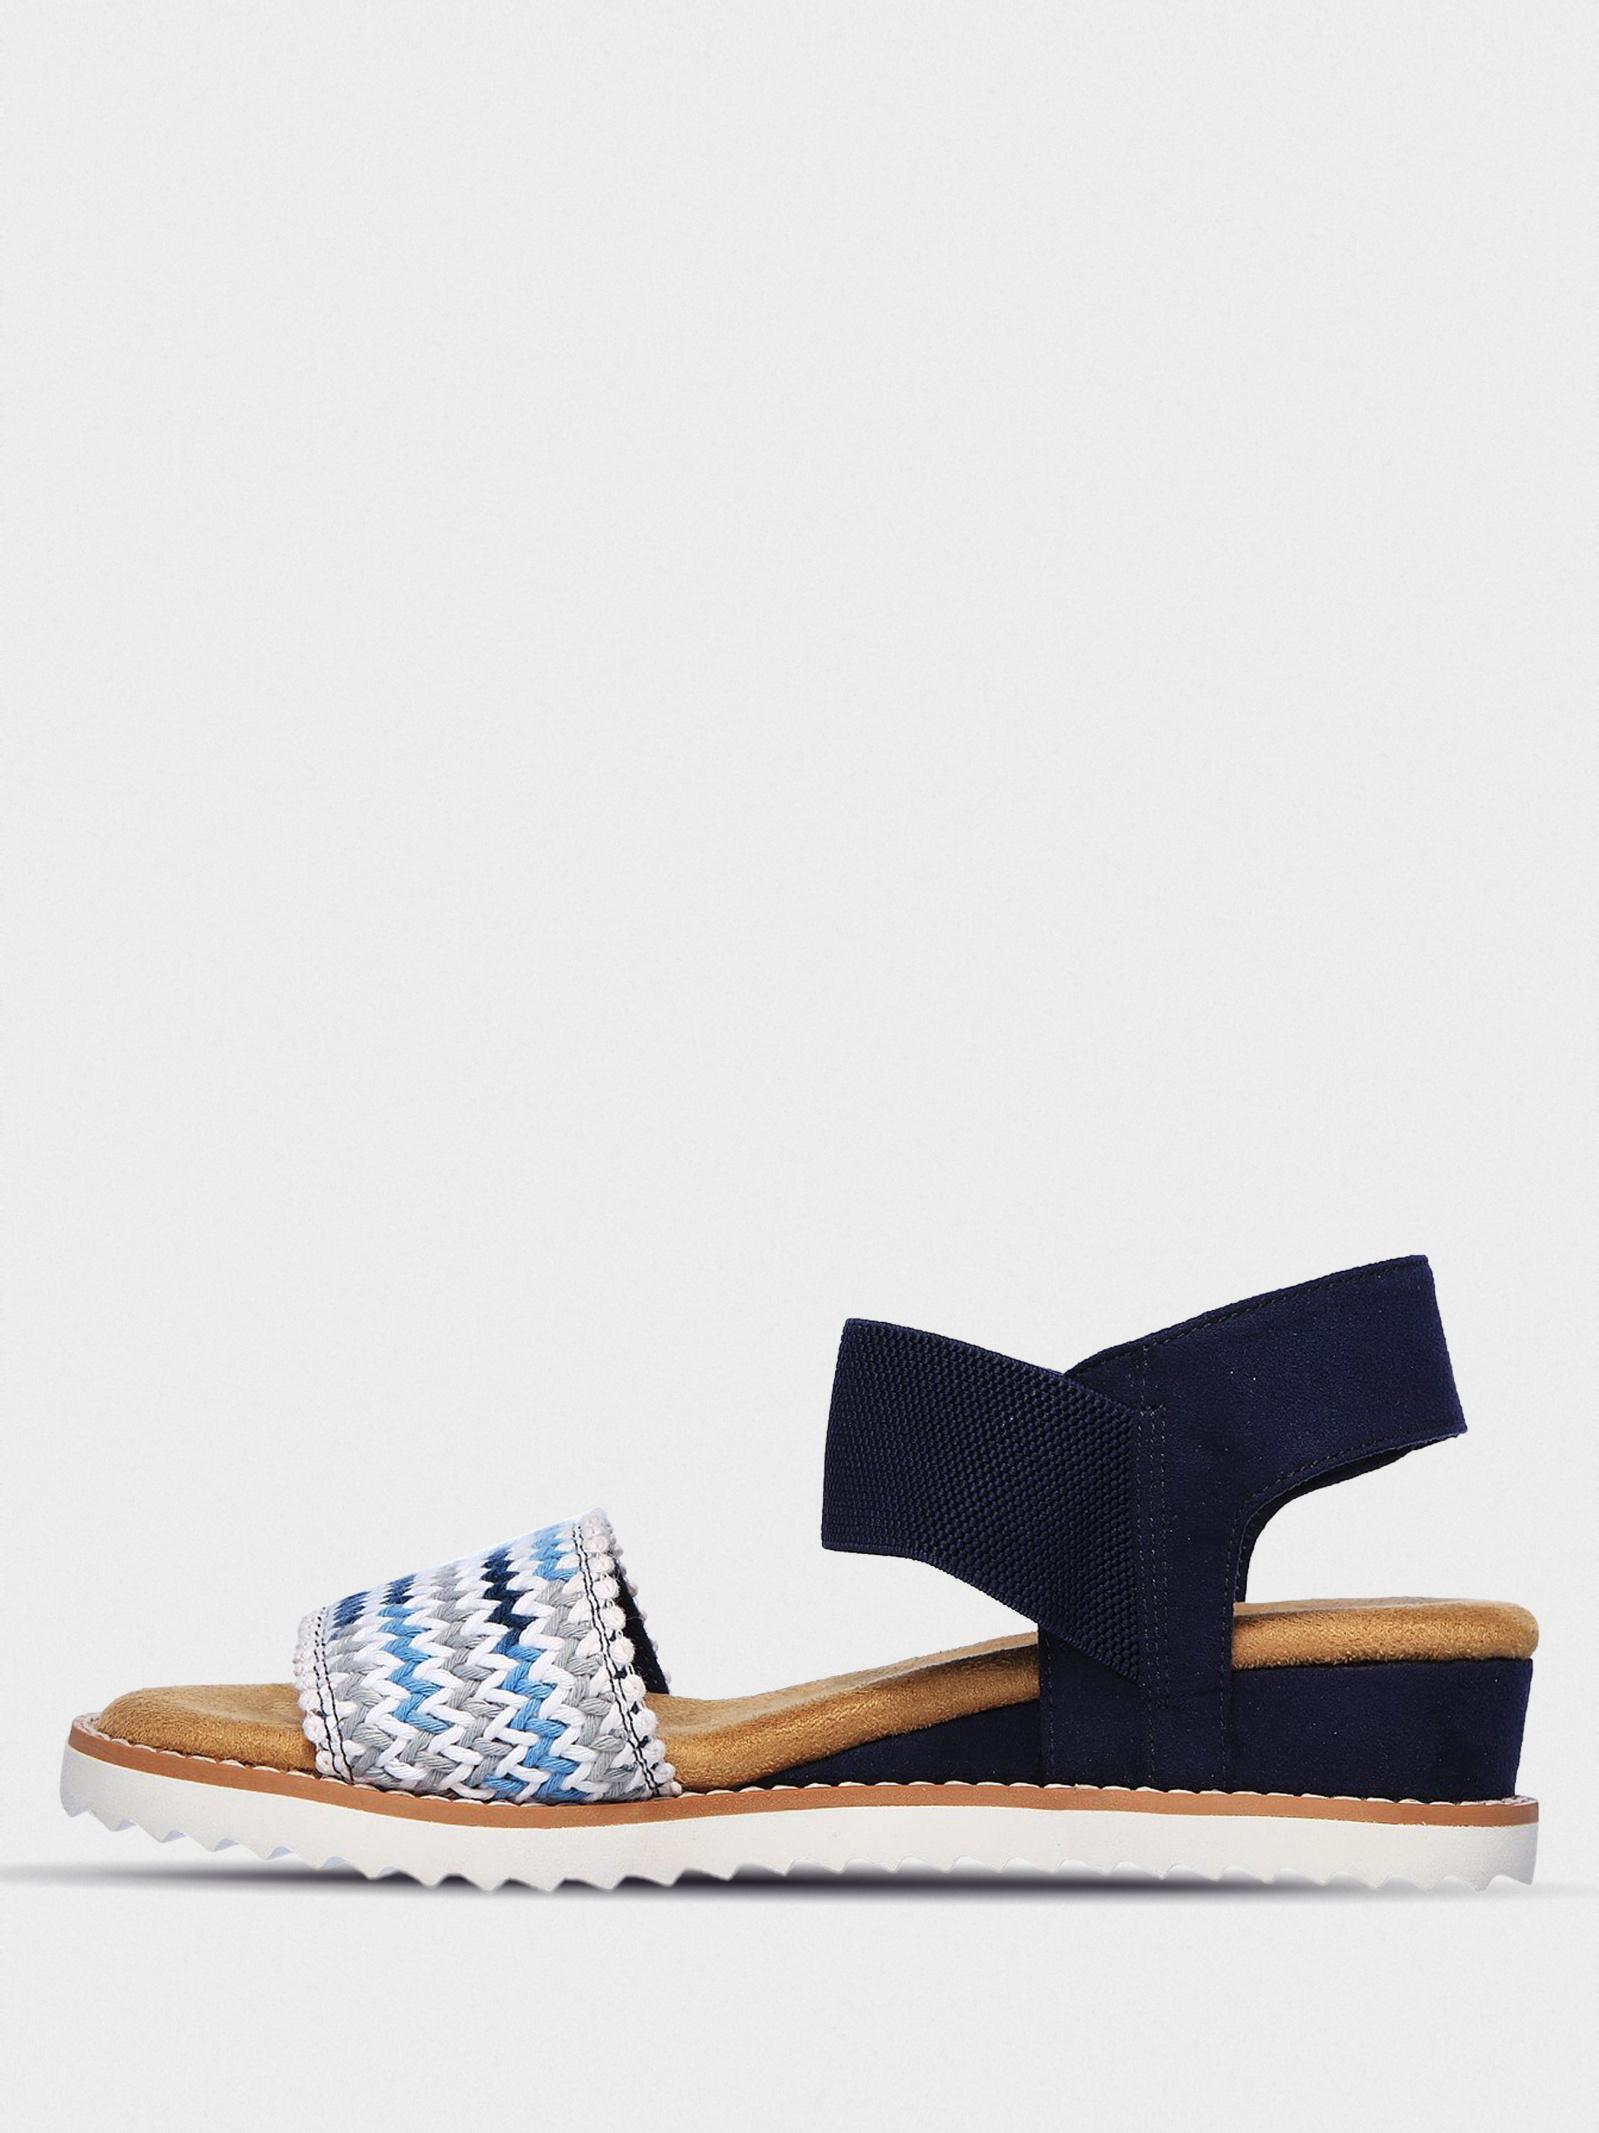 Босоножки для женщин Skechers Bob's KW5832 купить обувь, 2017